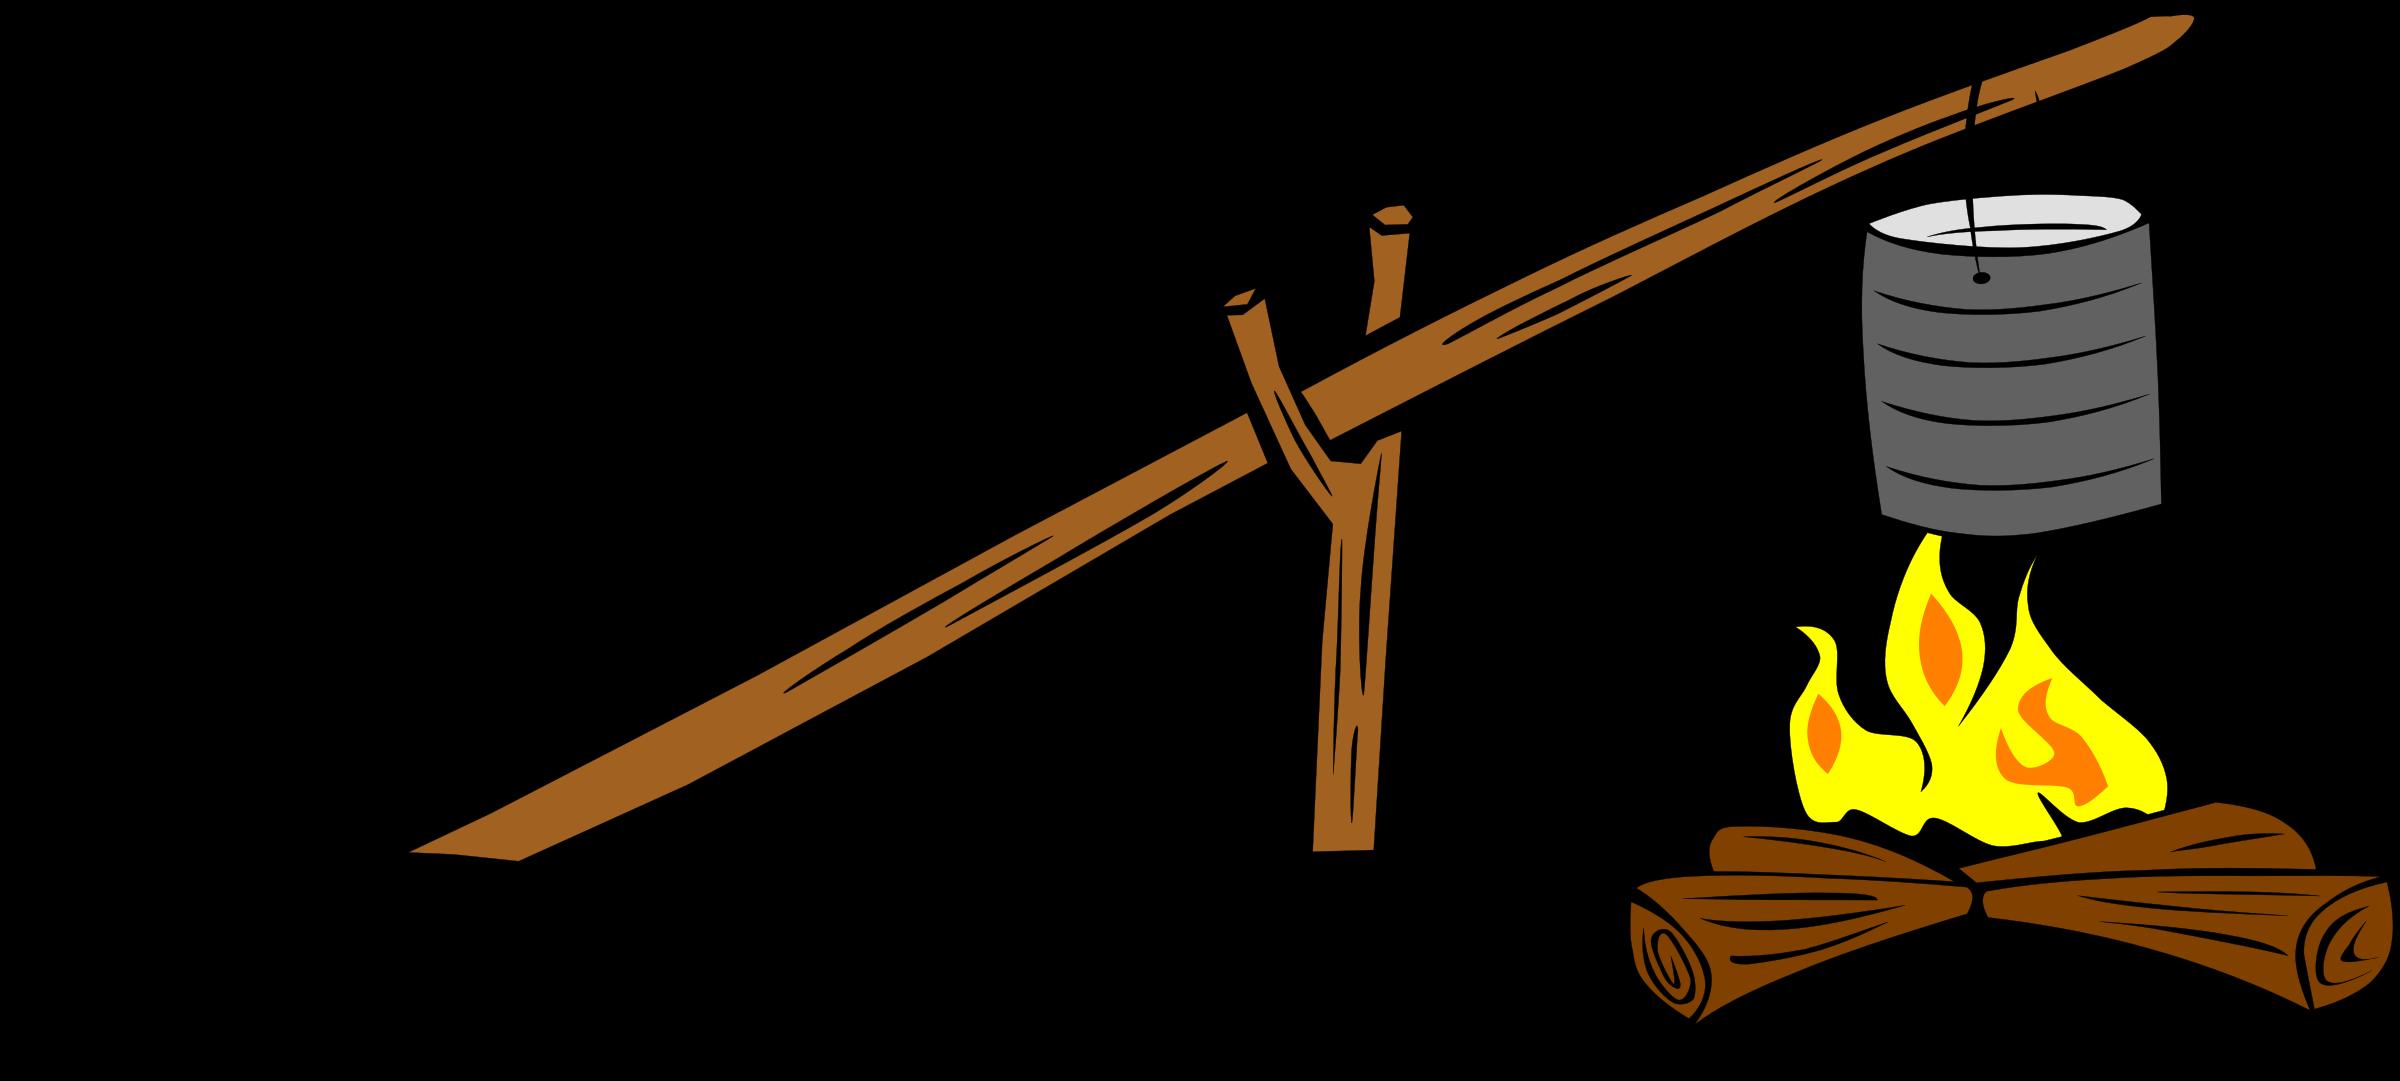 crane clipart large